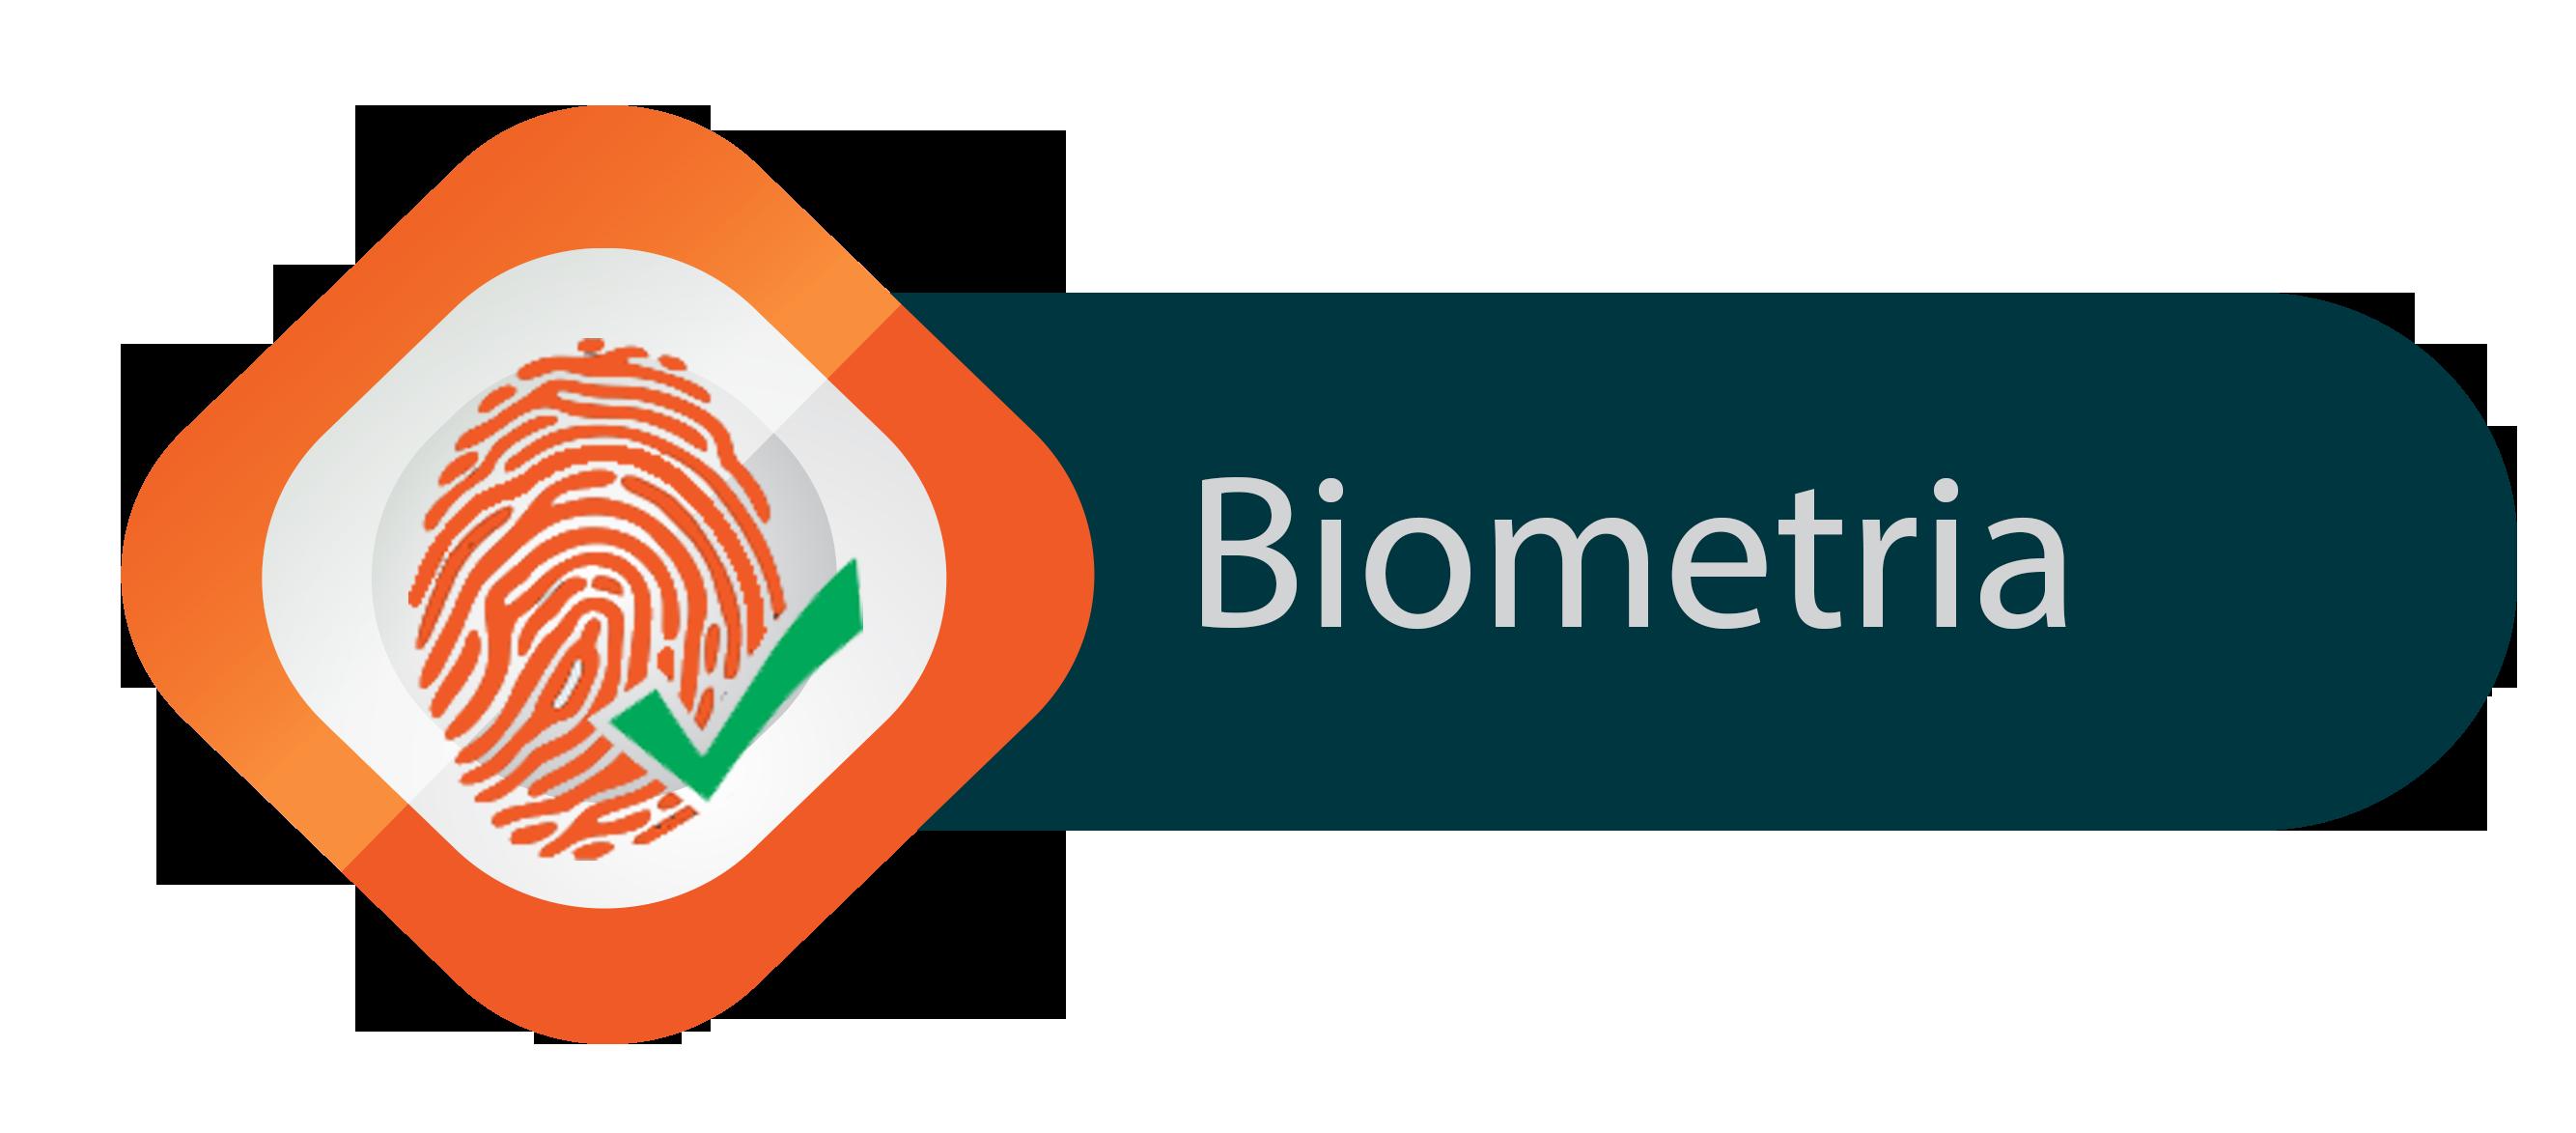 biometrico_terminal_probio_controlo_acessos_assiduidade